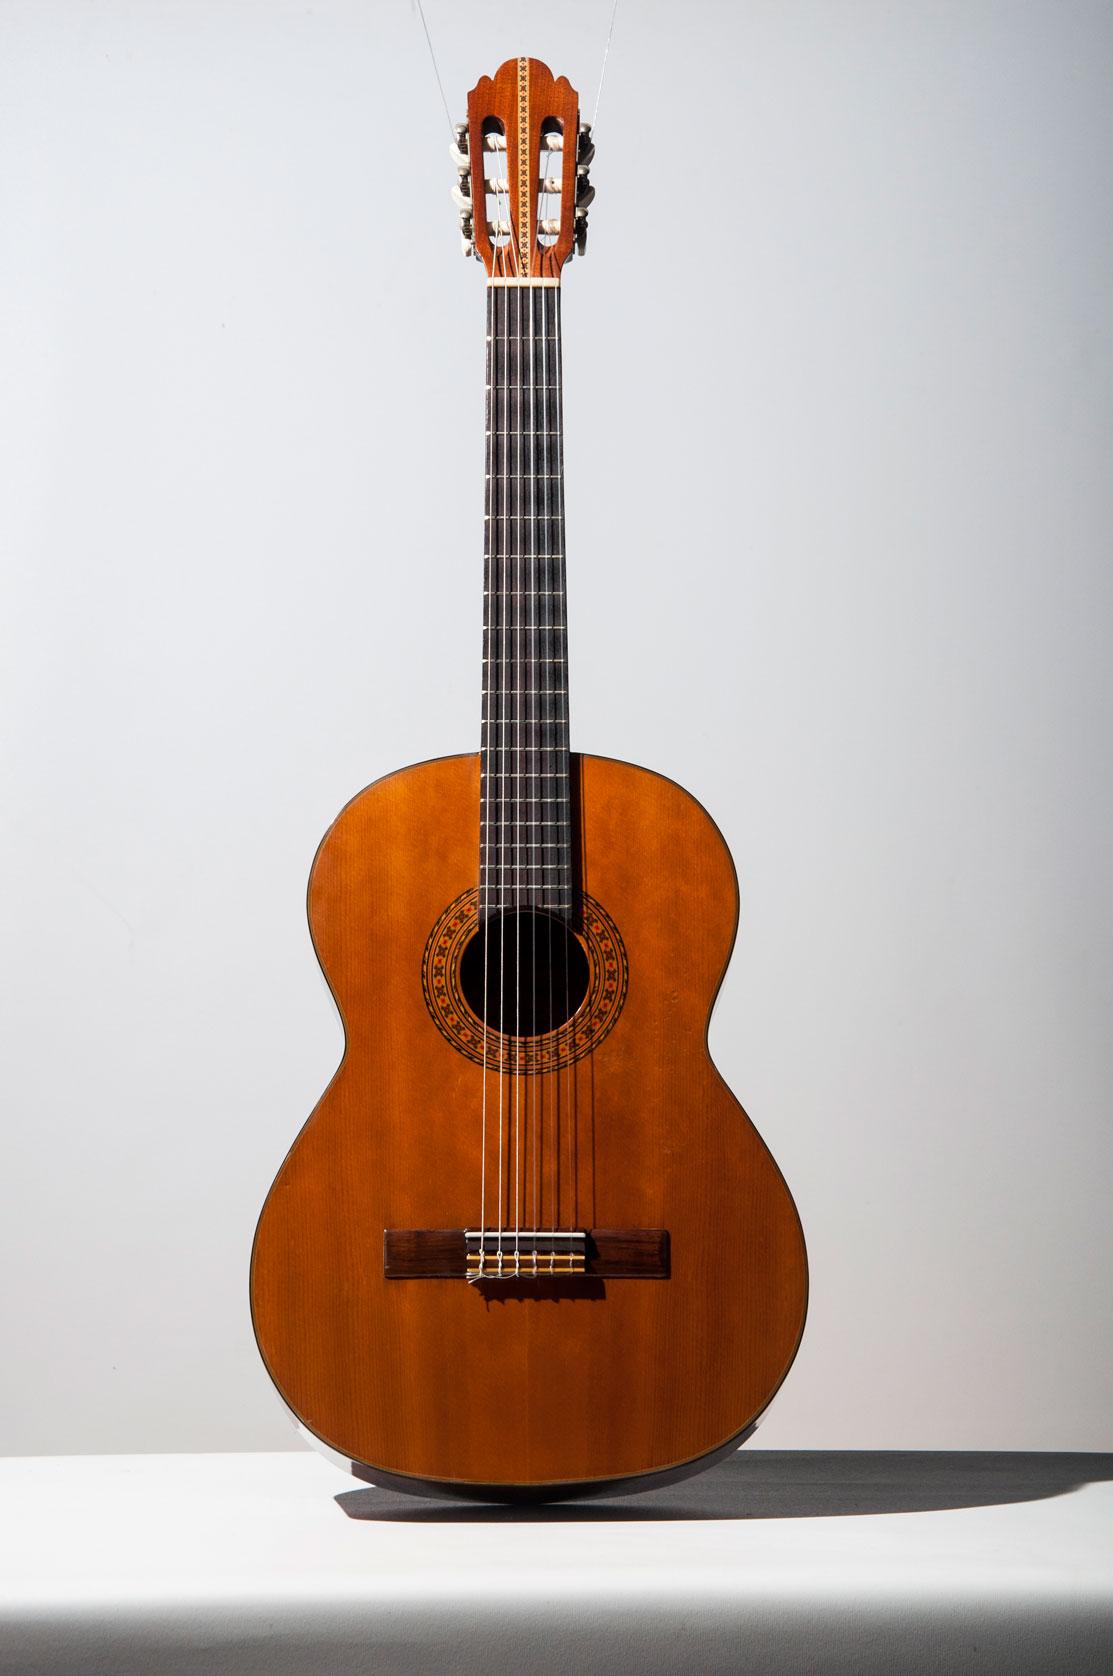 Fuji guitar กีต้าร์โปร่งมือสอง